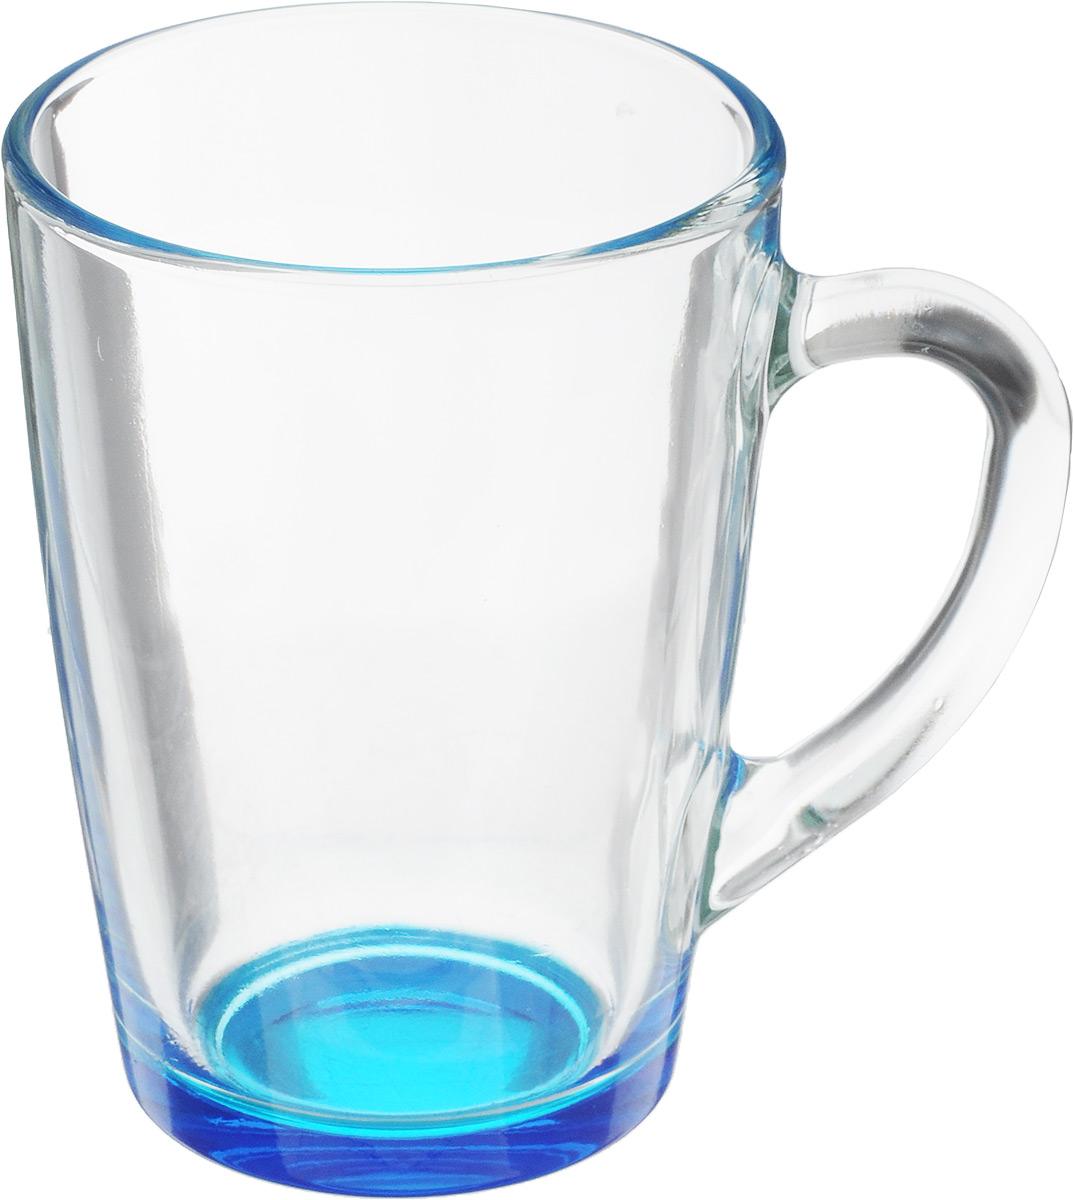 Кружка OSZ Капучино, цвет: прозрачный, синий, 300 мл. 07C1334LM_прозрачный, синий07C1334LM_прозрачный, синийКружка OSZ Капучино изготовлена из стекла двух цветов. Изделие идеально подходит для сервировки стола.Кружка не только украсит ваш кухонный стол, но подчеркнет прекрасный вкус хозяйки. Диаметр кружки (по верхнему краю): 8 см. Высота кружки: 11 см. Объем кружки: 300 мл.